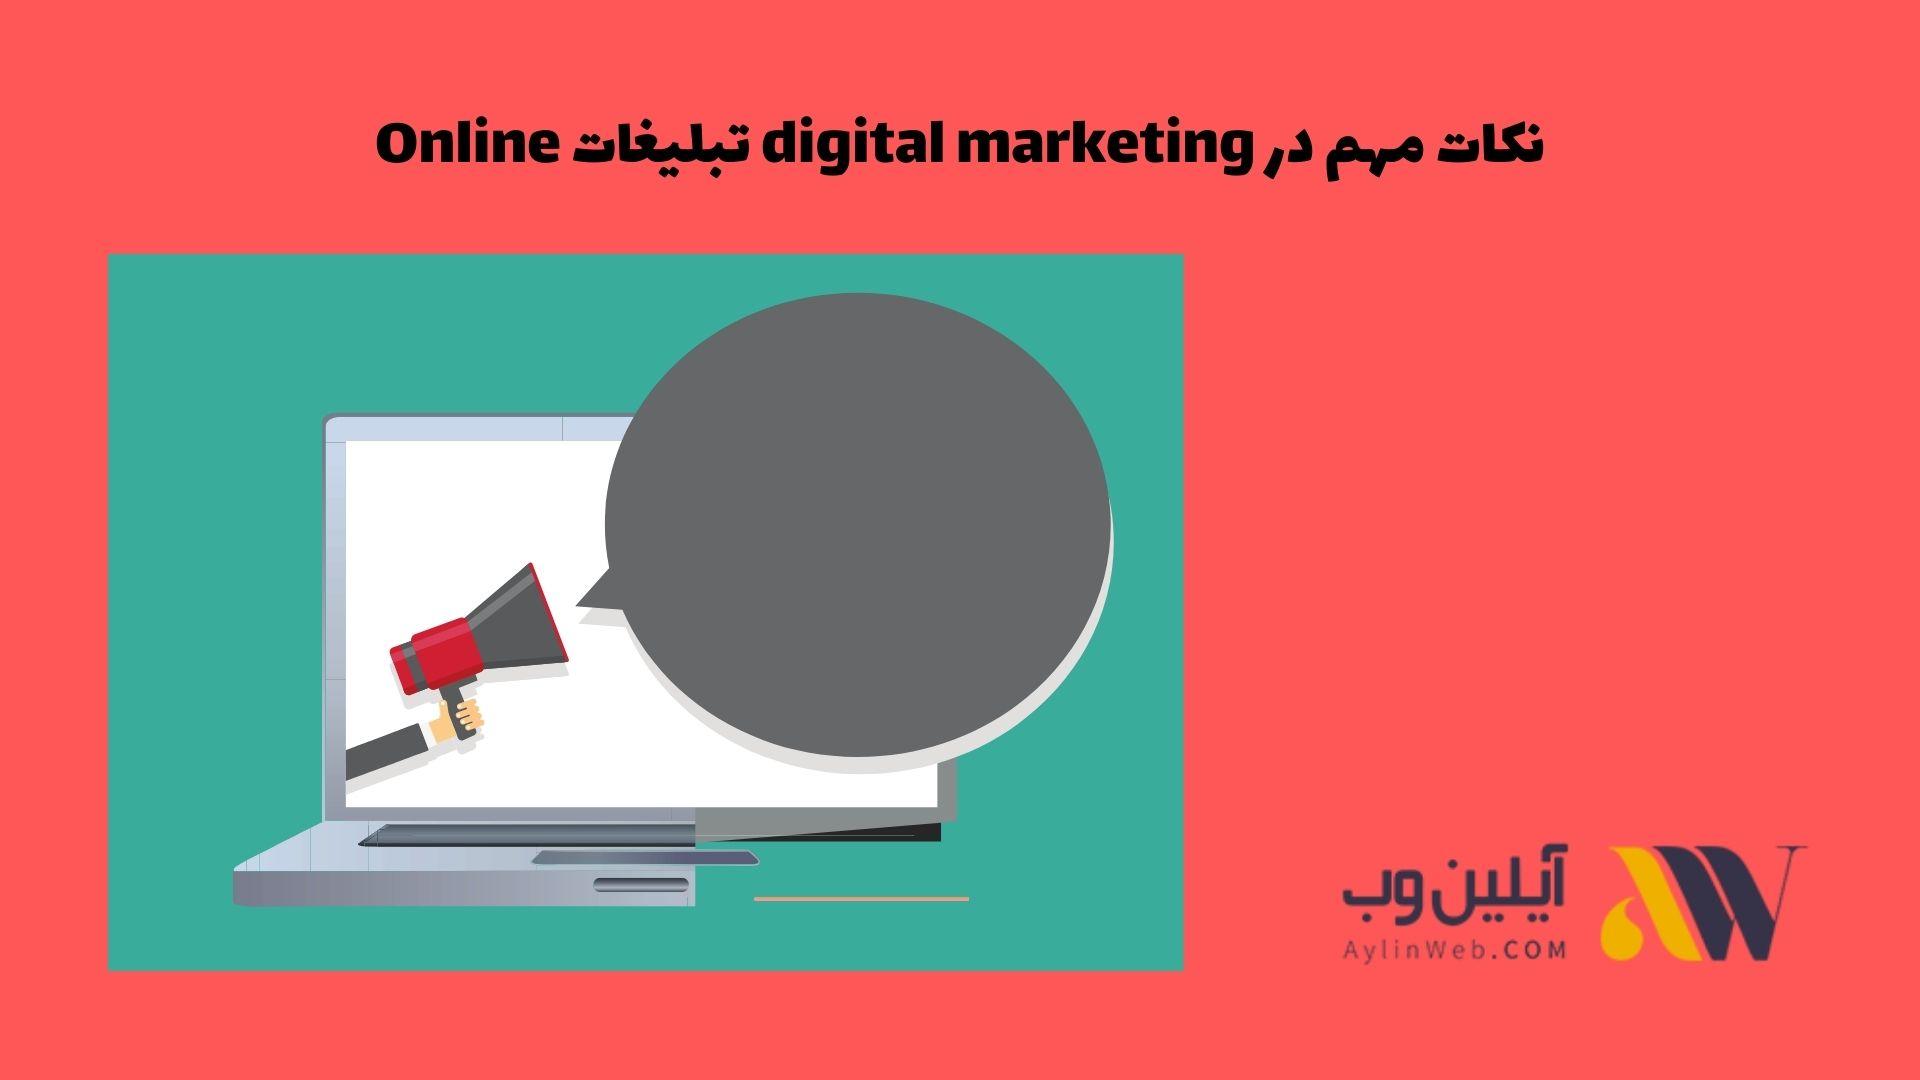 نکات مهم در digital marketing تبلیغات Online